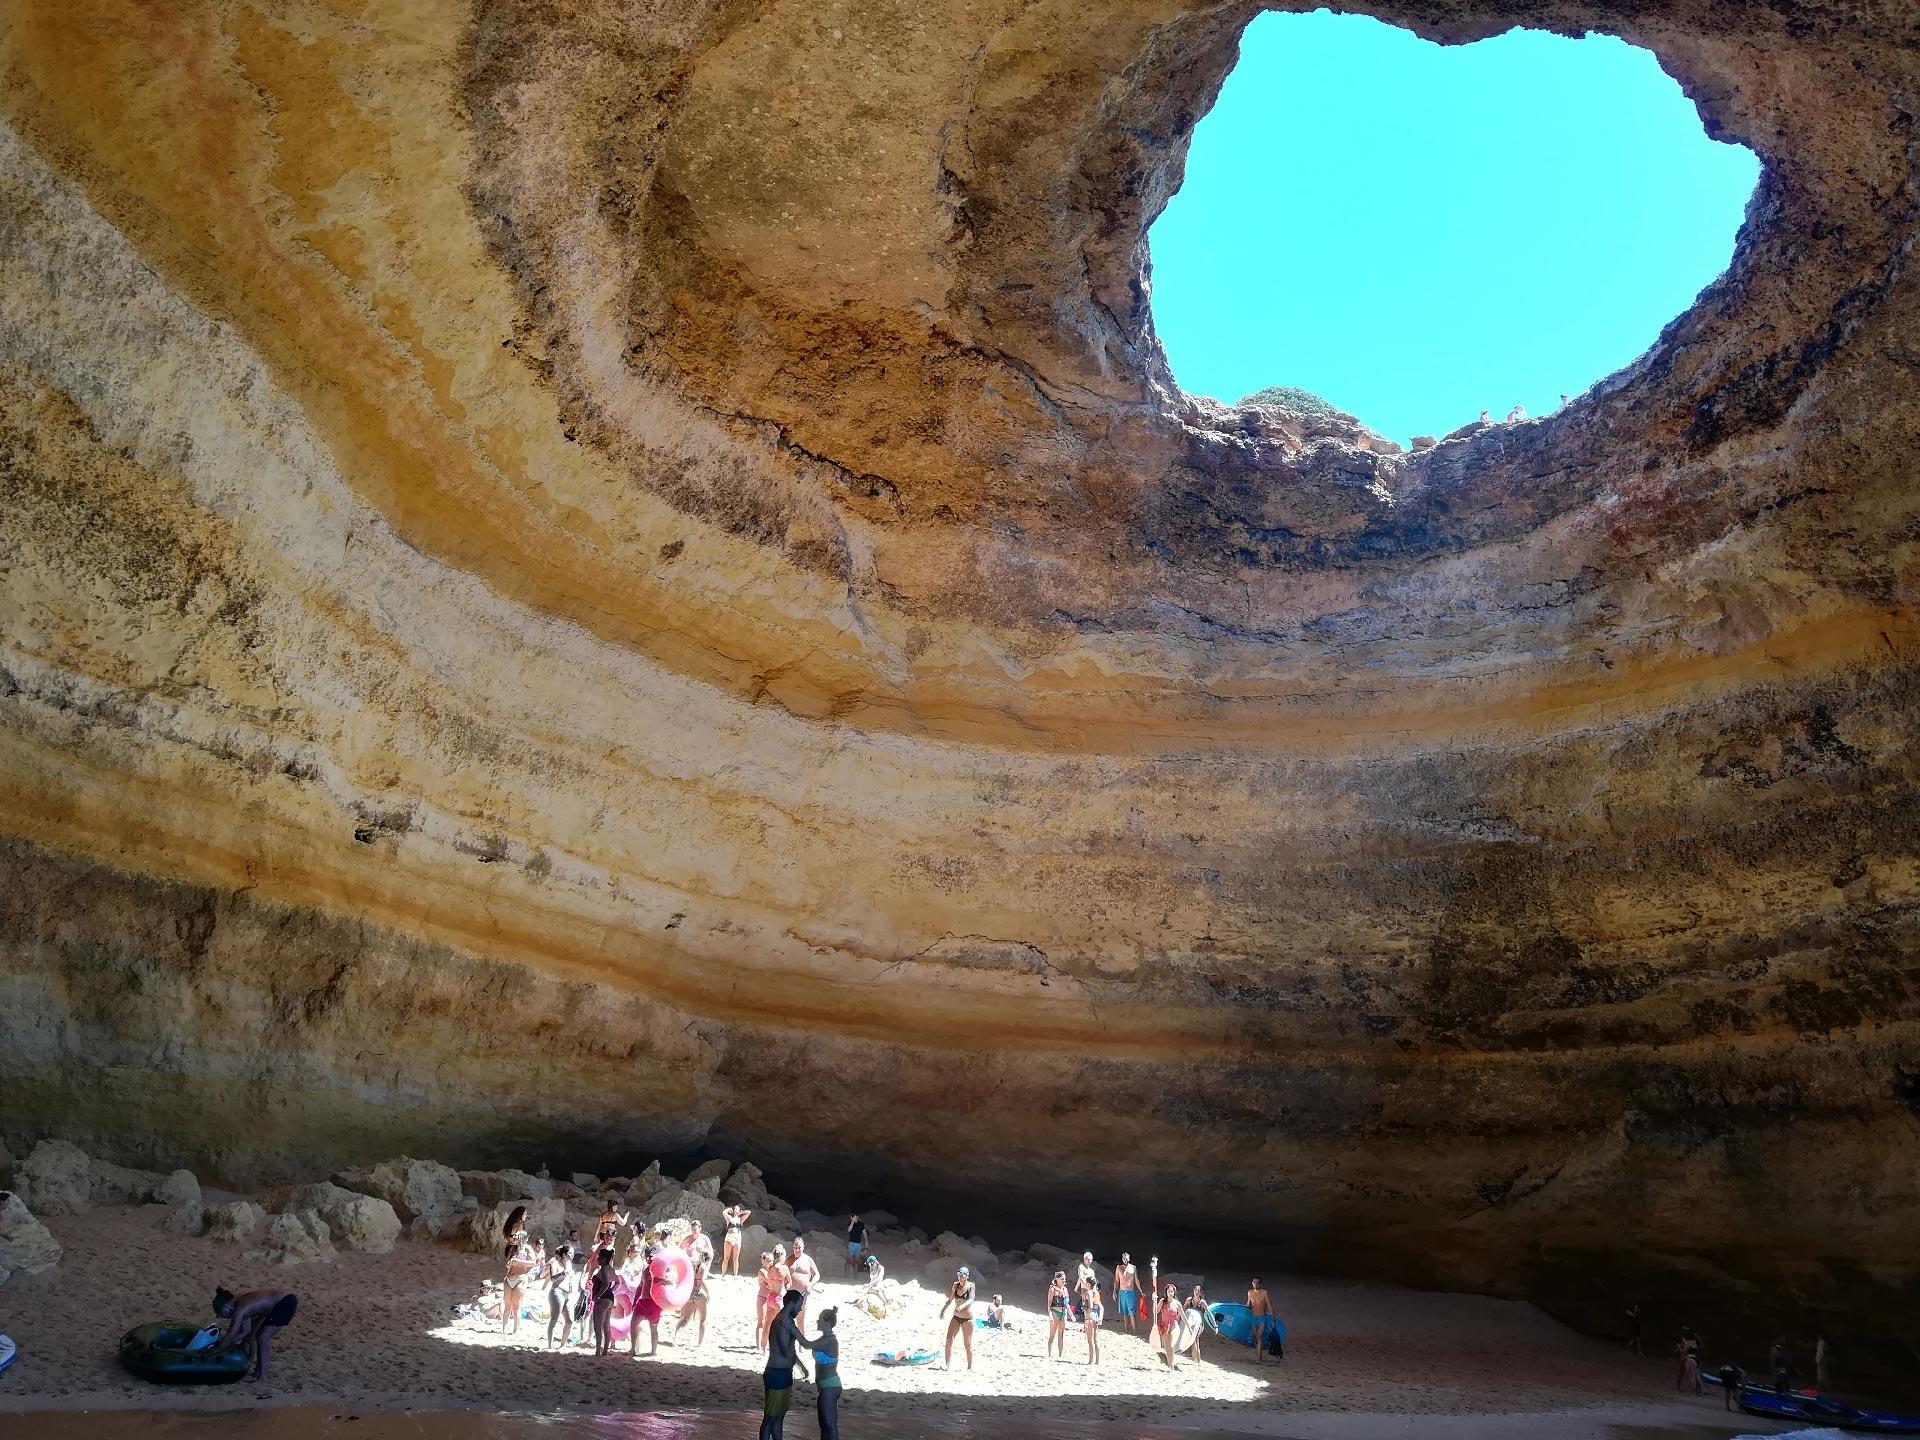 la famosa grotta di Benagil, ben visibikle il fascio di luce che entra dall'alto attraverso una grande voragine, Portimao, Portogallo